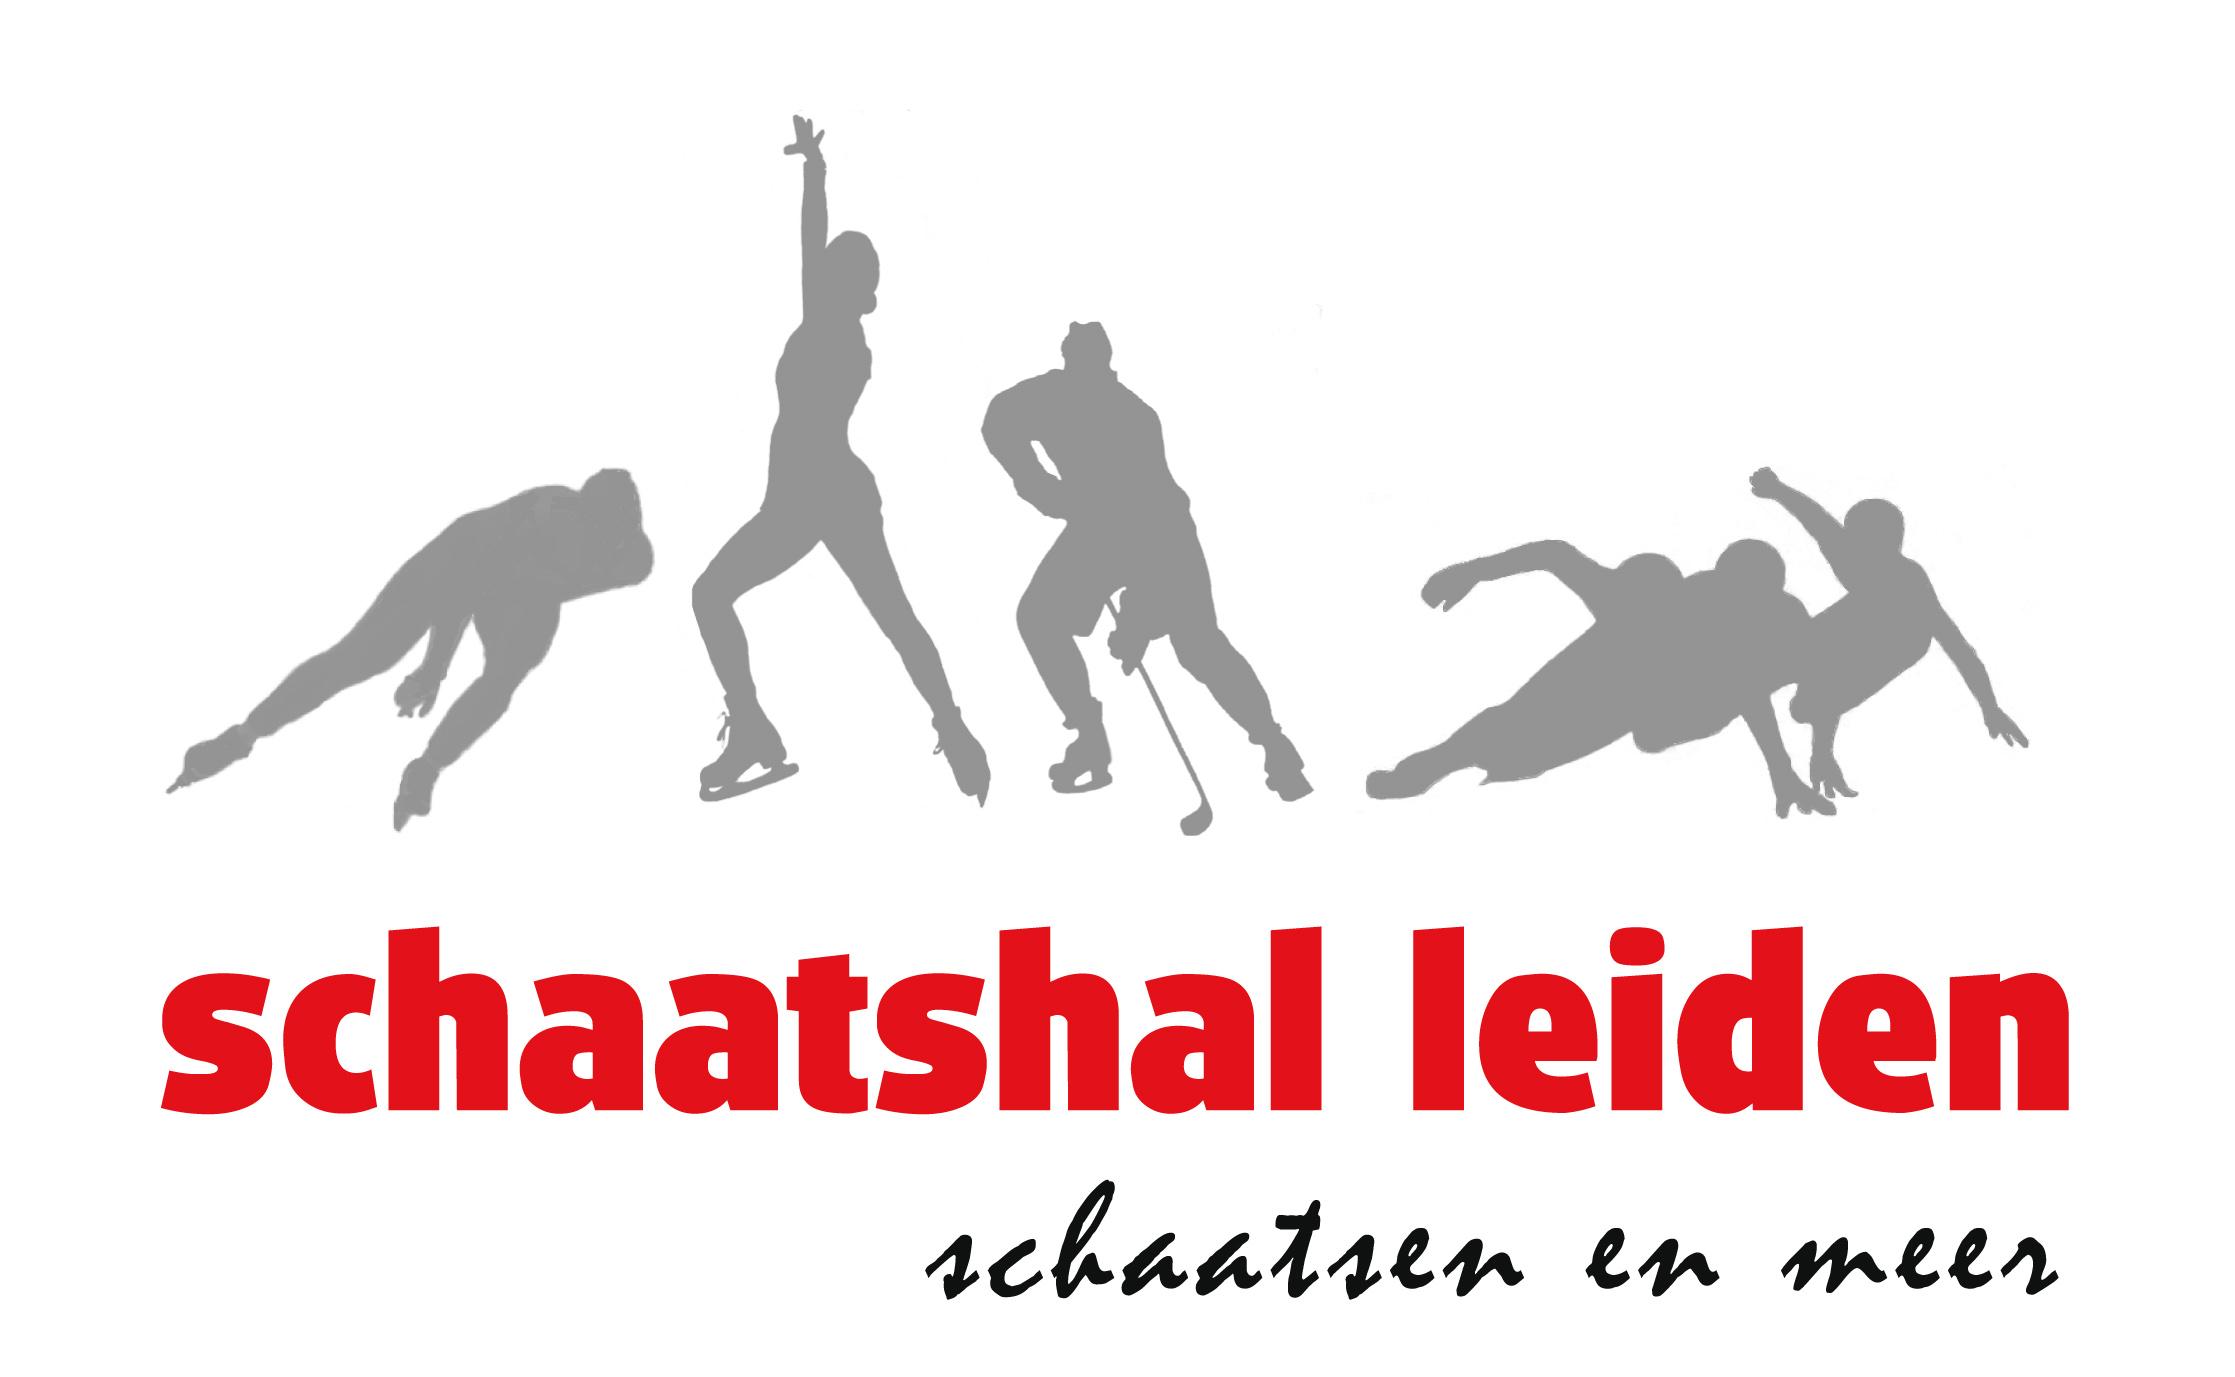 Schaatshal Leiden